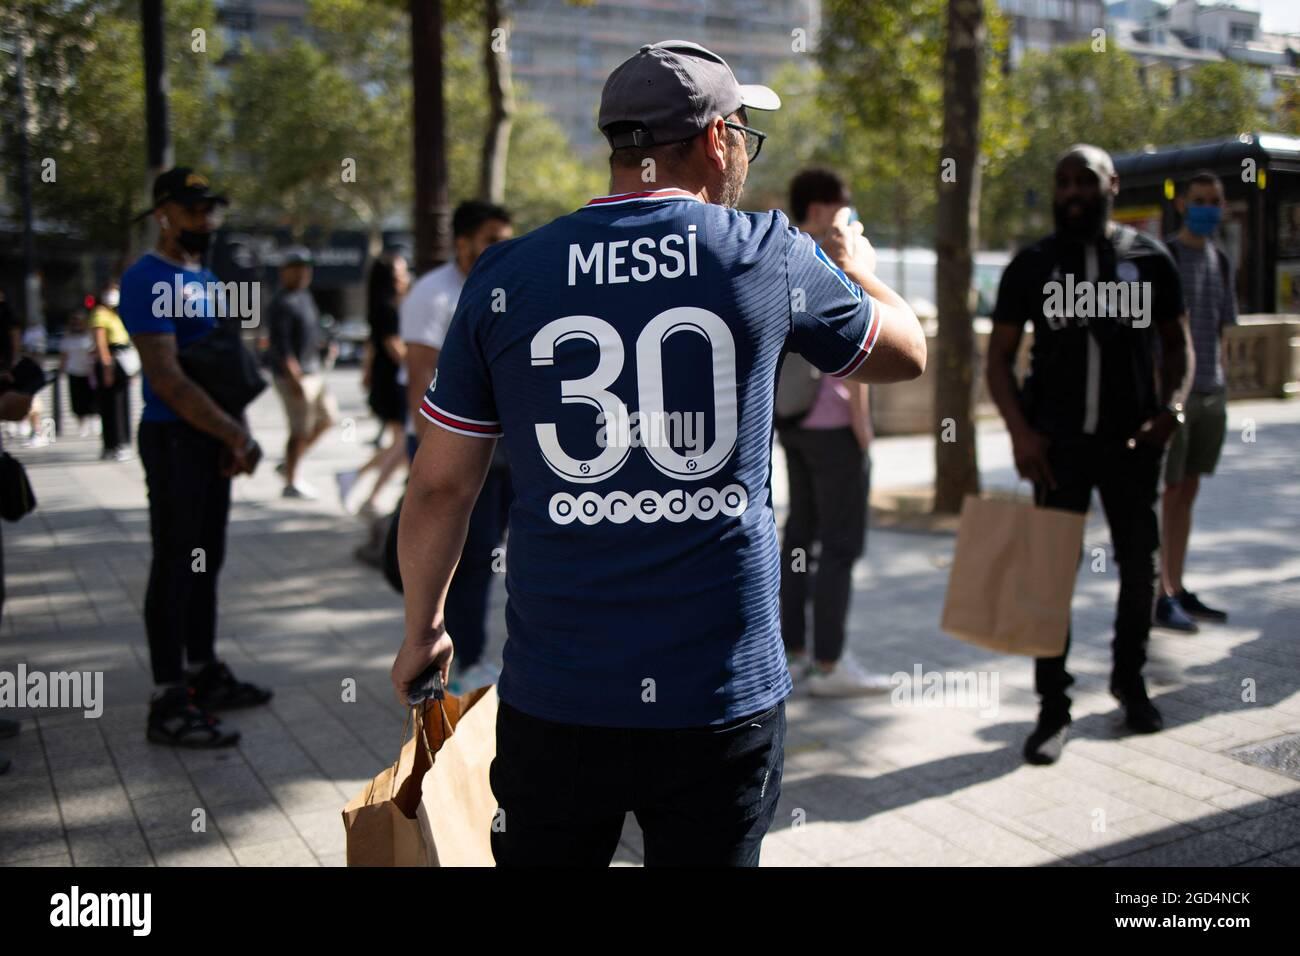 Paris, Frankreich. August 2021. Ein Unterstützer trägt ein Trikot des argentinischen PSG-Fußballspielers Lionel Messi, das er am 11. August 2021 im Laden des Fußballclubs Paris-Saint-Germain (PSG) auf der Champs Elysees in Paris gekauft hat. Messi unterzeichnete am 10. August 2021 einen zweijährigen Vertrag mit PSG mit der Option eines zusätzlichen Jahres. Der 34-Jährige wird in Paris die Nummer 30 tragen, die er zu Beginn seiner beruflichen Laufbahn bei Barca hatte. Foto von Raphael Lafargue/ABACAPRESS.COM Quelle: Abaca Press/Alamy Live News Stockfoto